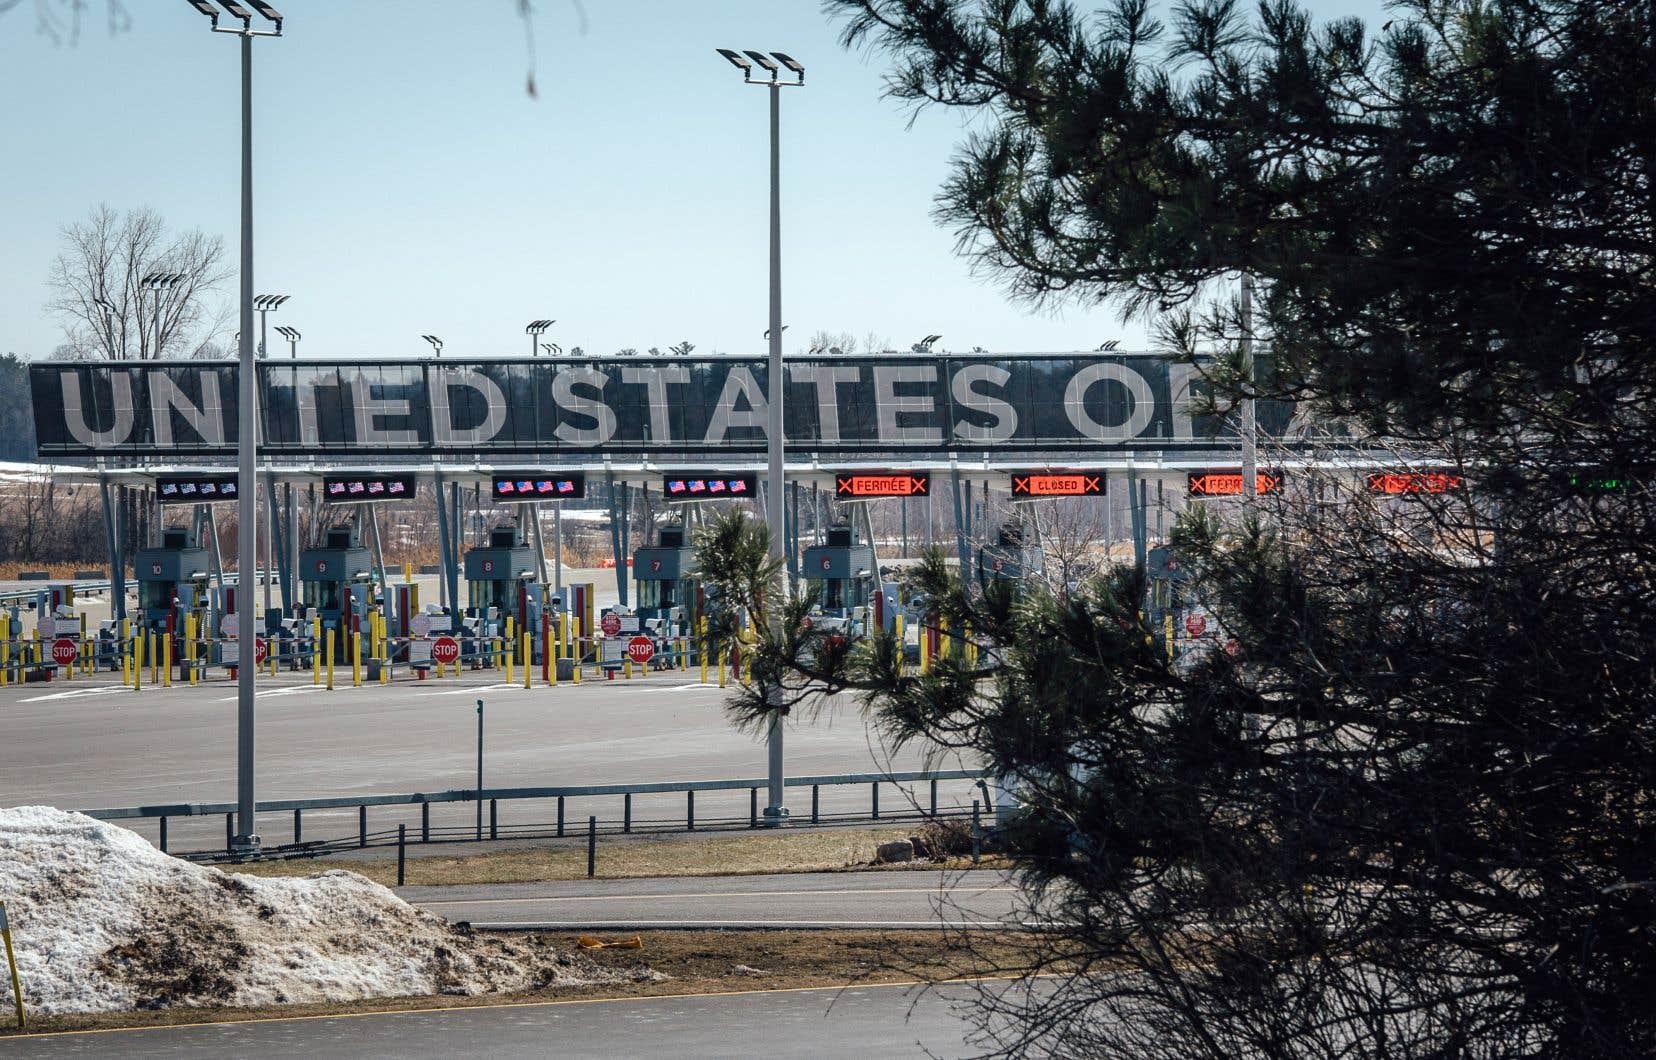 Le 21 mars 2020, le Canada et les États-Unis décidaient de filtrer les passages à leurs frontières terrestres afin de ne plus laisser passer que les déplacements essentiels. La mesure, exceptionnelle et inédite, a été reconduite de mois en mois, et une fois de plus cette semaine, jusqu'au 21 avril.